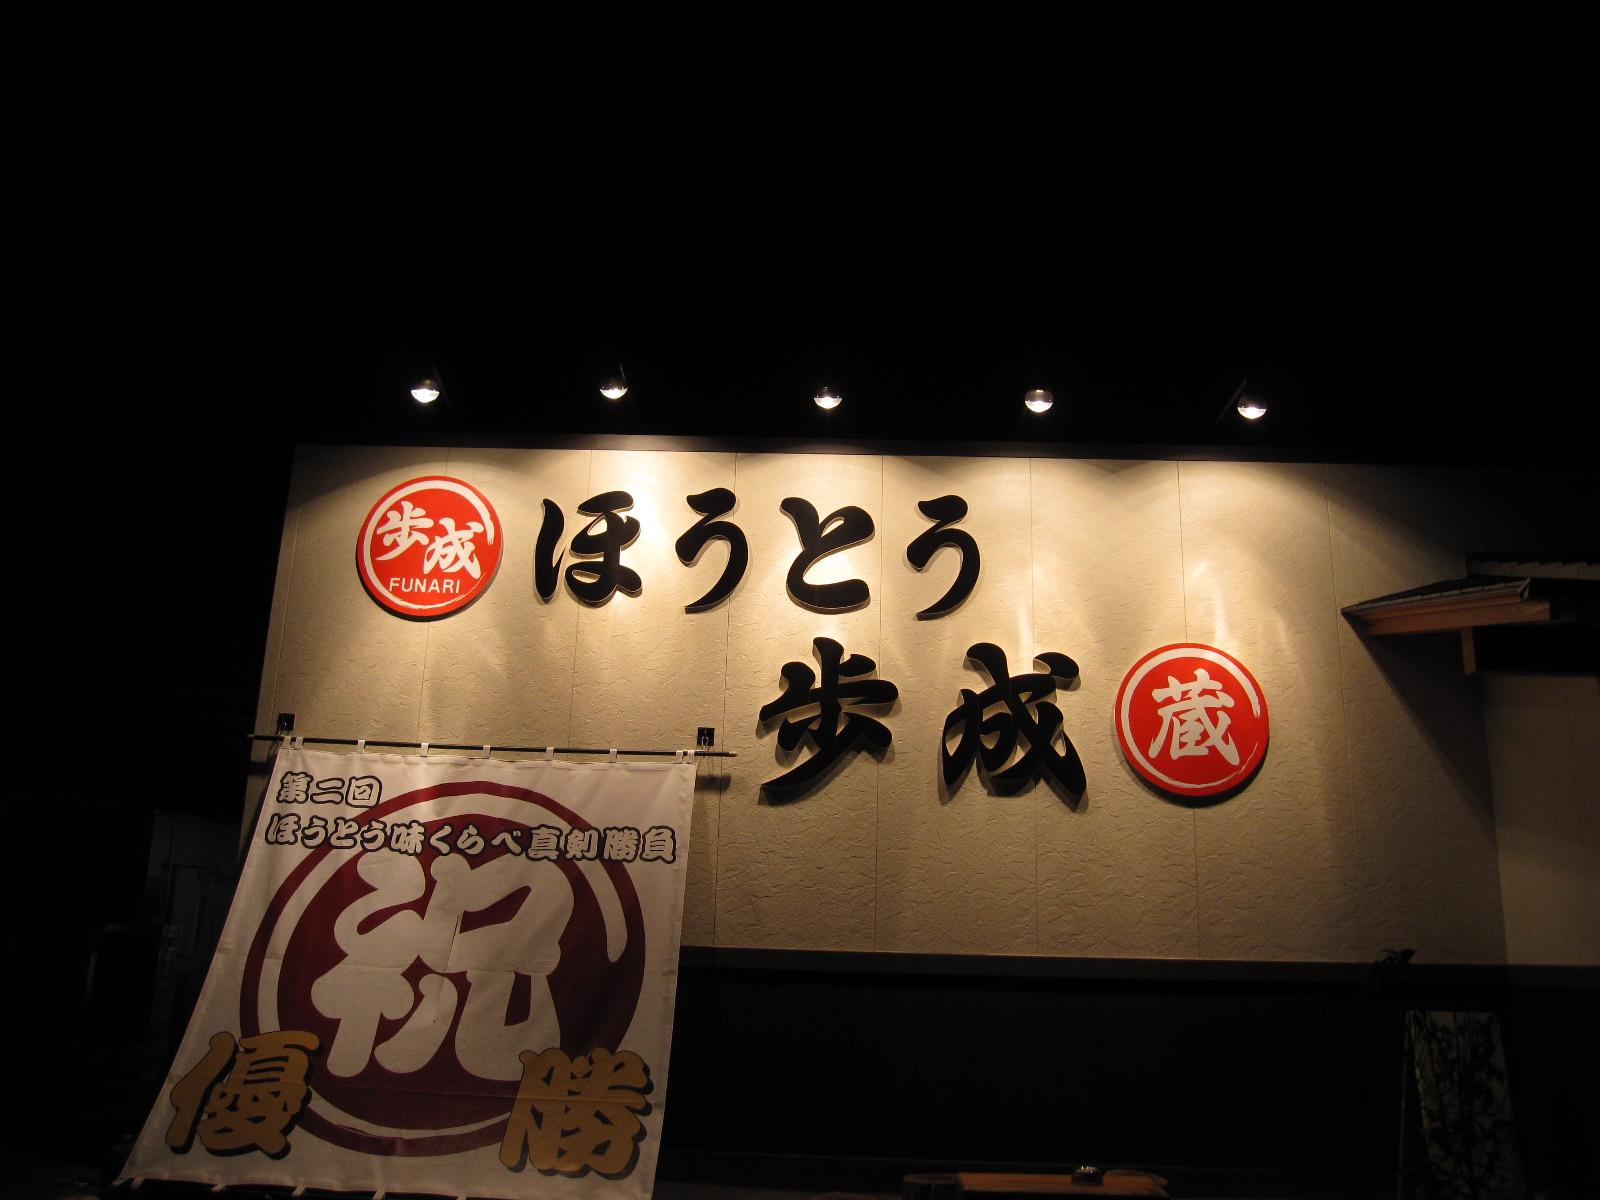 ほうとう蔵 歩成 フルーツライン店